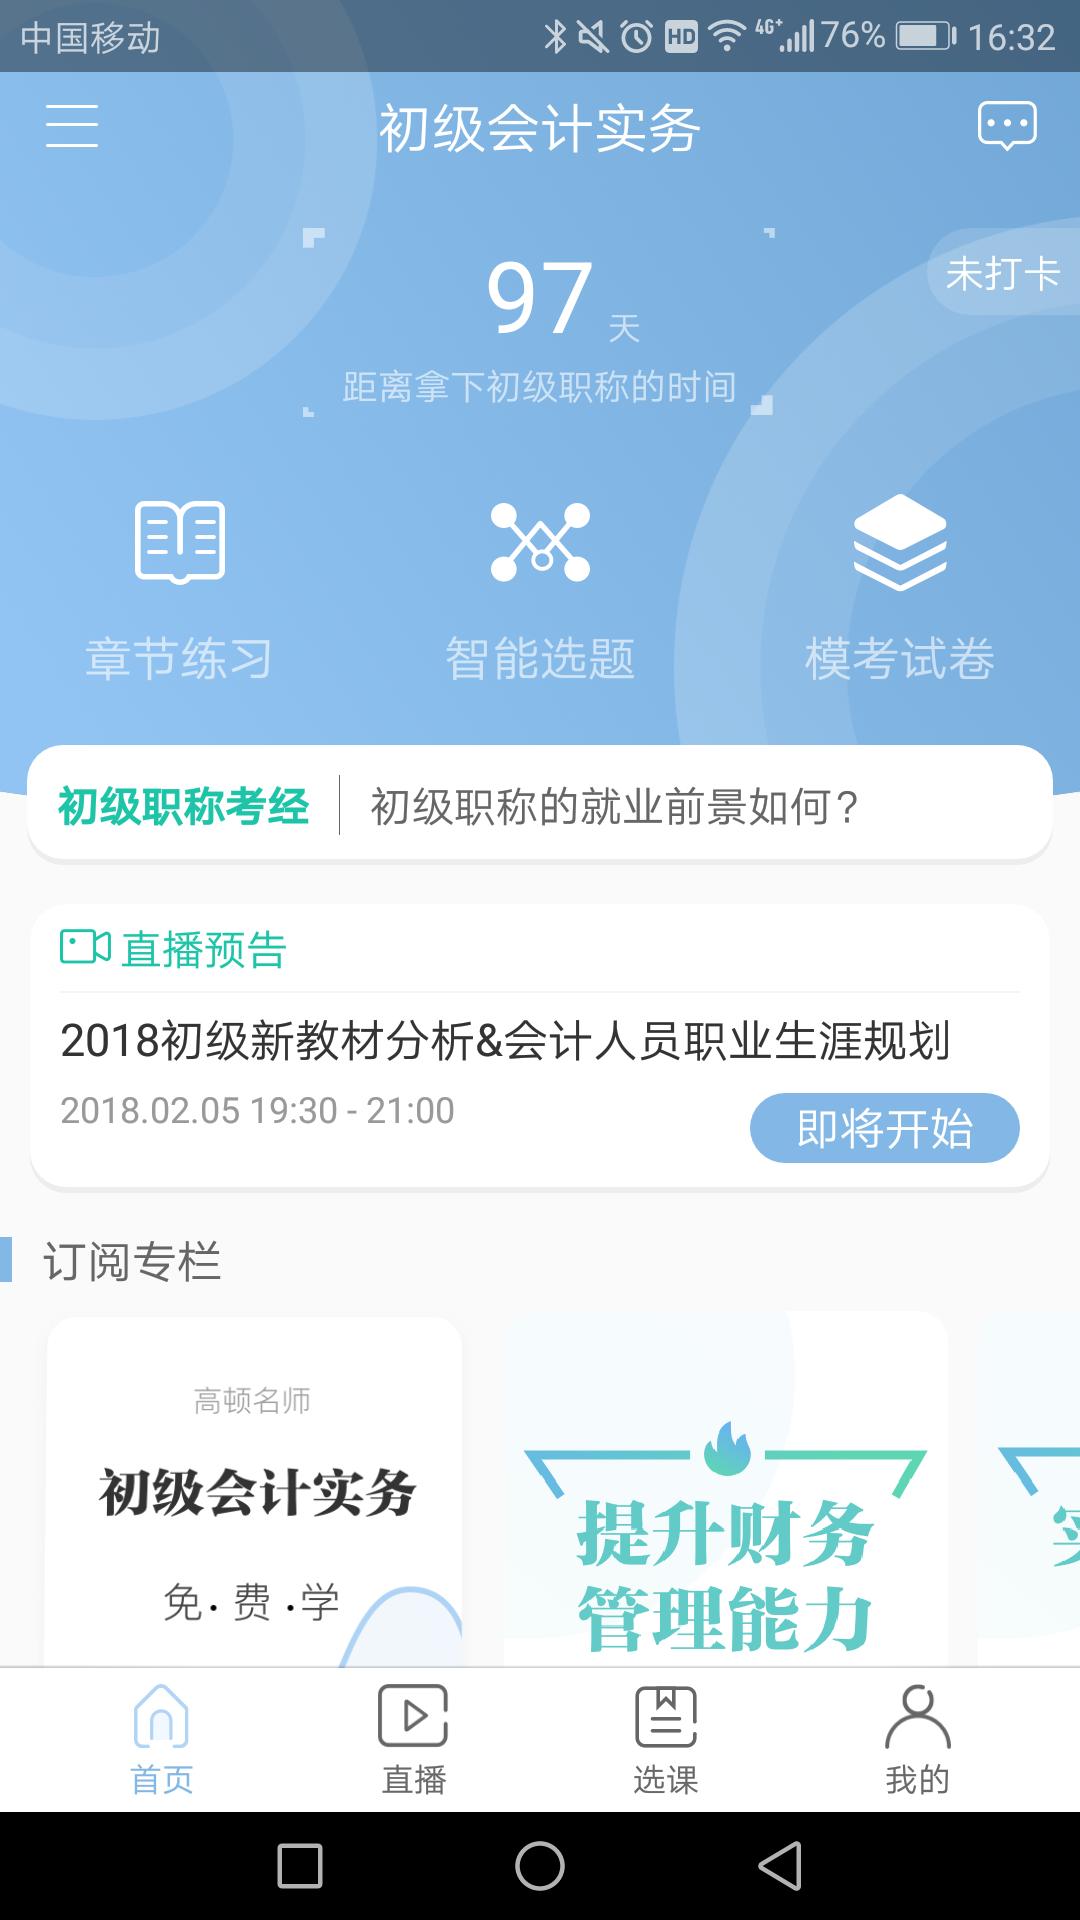 推荐一款免费的初级会计题库app?